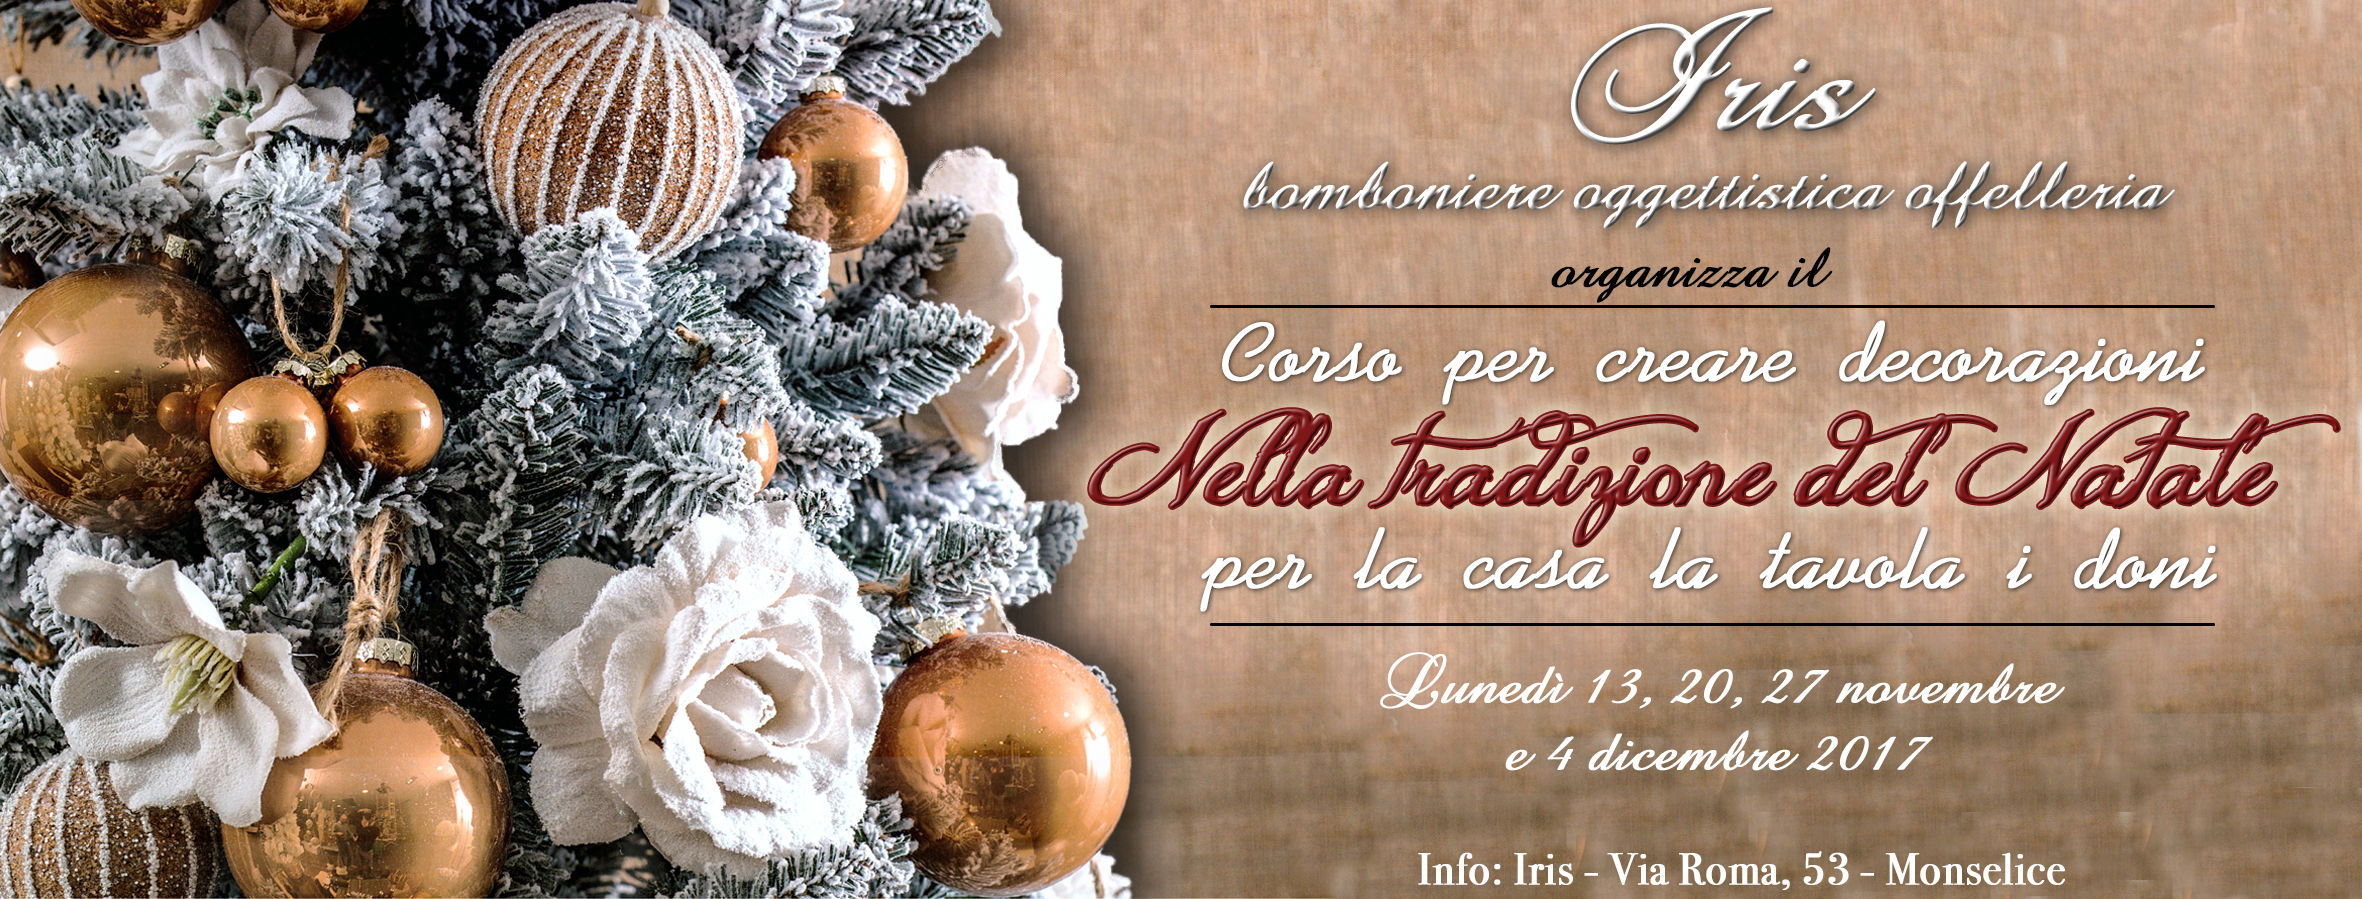 Corso per creare decorazioni natalizie iris bomboniere - Creare decorazioni natalizie ...